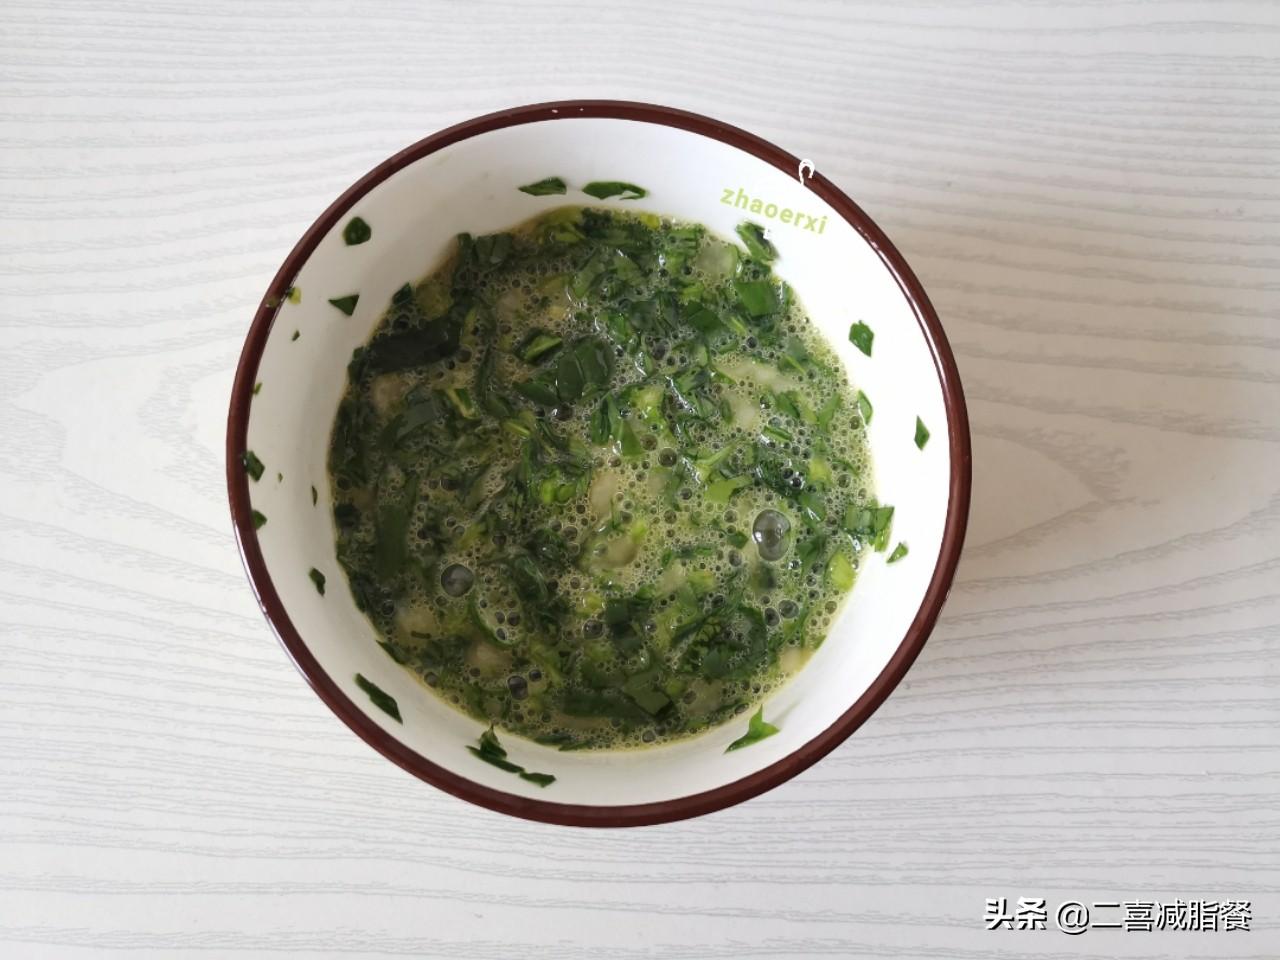 减脂早餐167:杂粮、水果、鸡蛋、肉、蔬菜都有了,360大卡 减肥菜谱做法 第3张